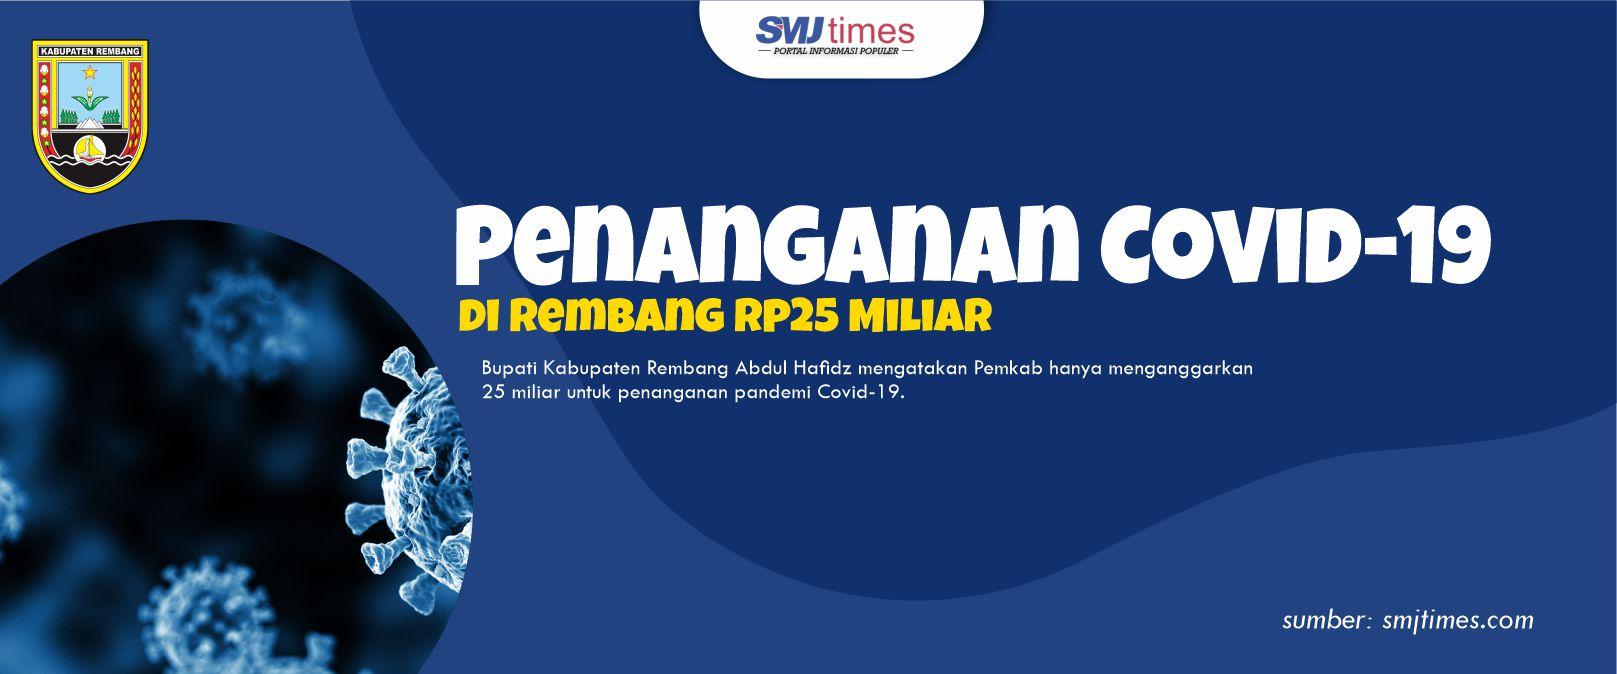 Penanganan Covid 19 di Rembang Rp25 Miliar 1